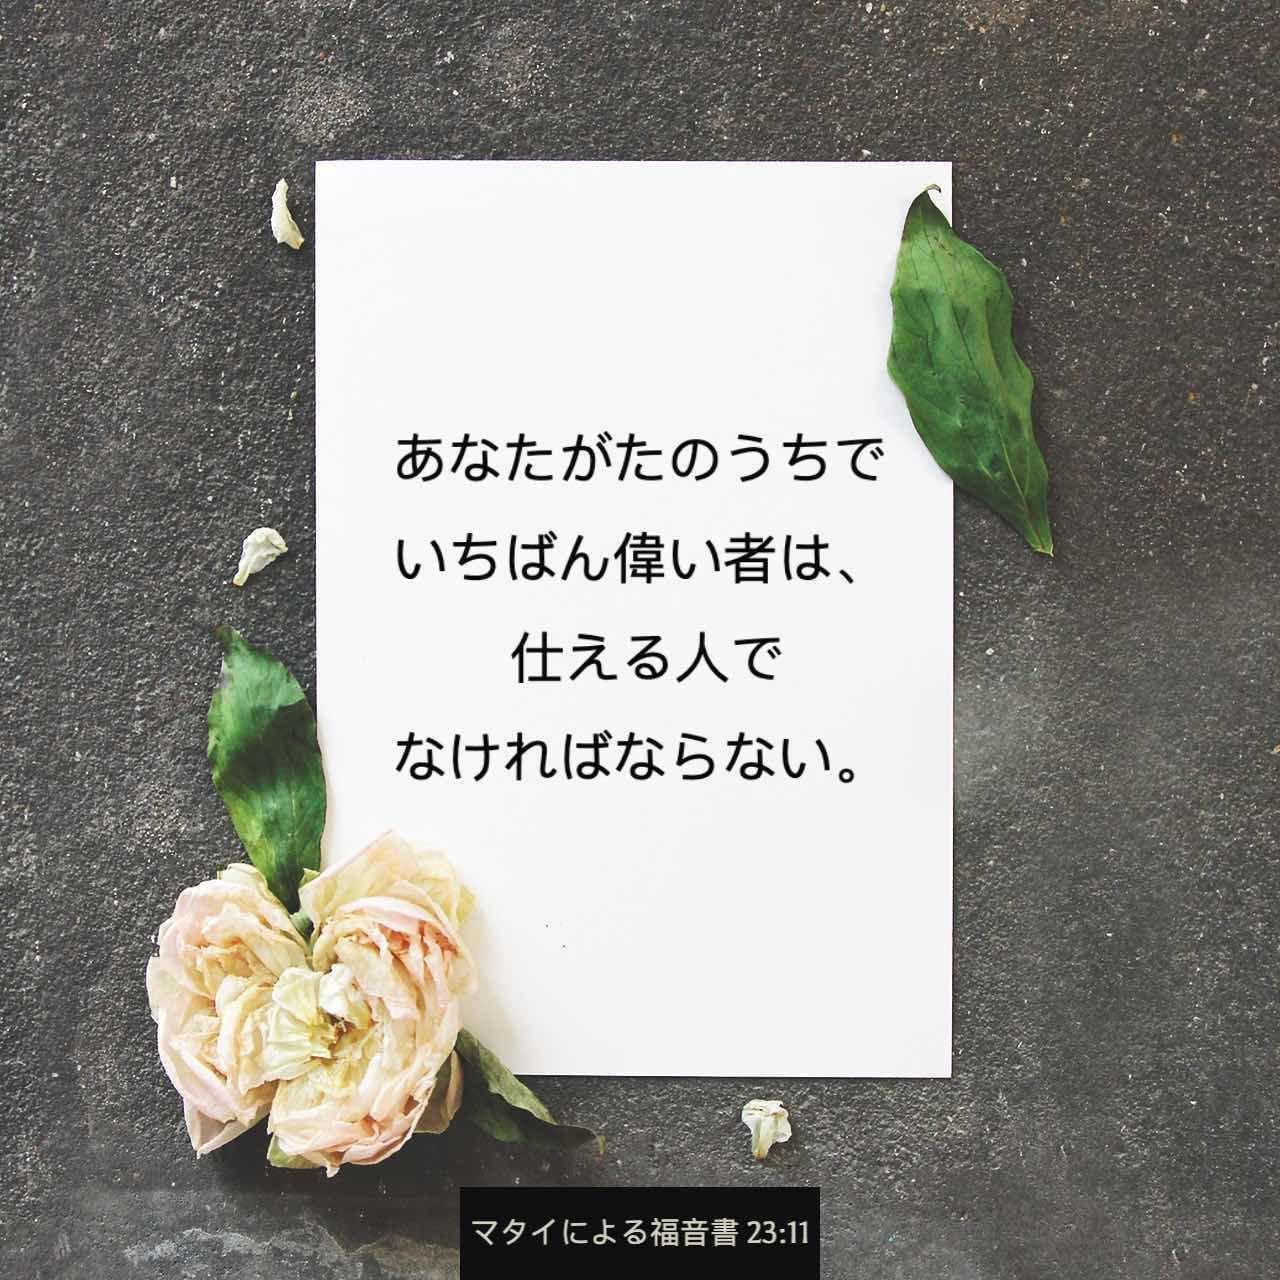 Photo of マタイによる福音書 23:11 そこで、あなたがたのうちでいちばん偉い者は、仕える人でなければならない。 | Japan…